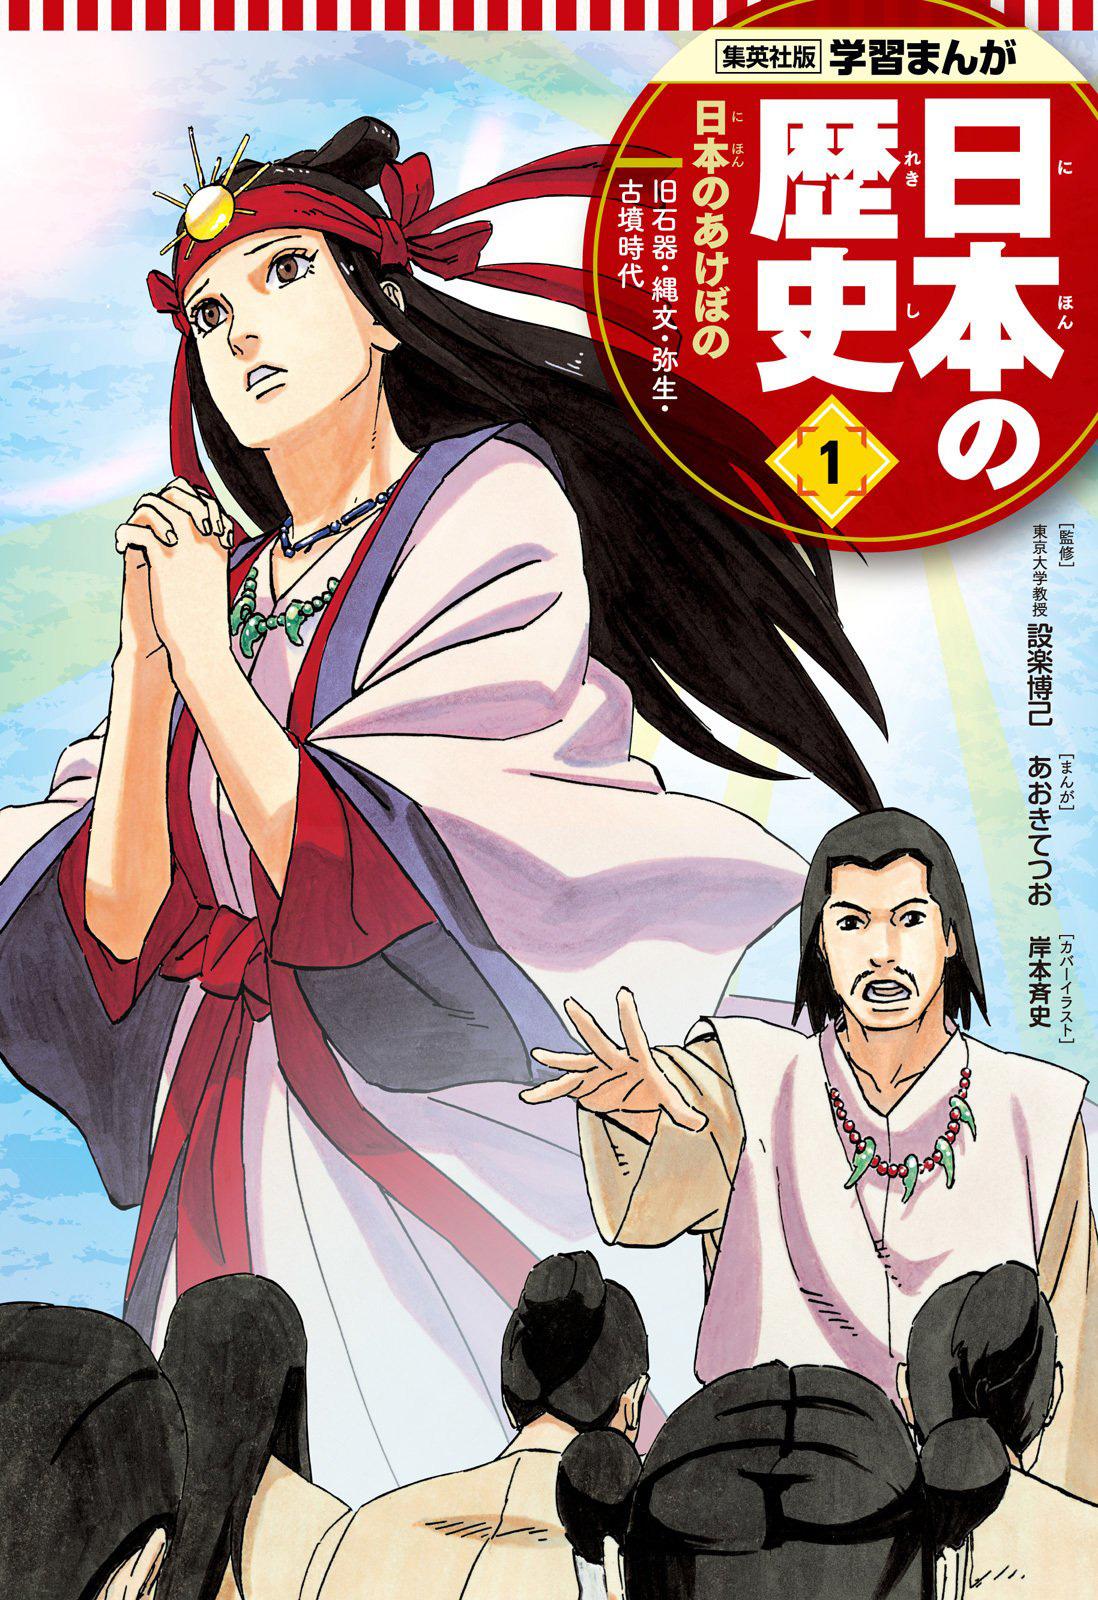 Primeiros 8 volumes do mangá History of Japan foram disponibilizados gratuitamente online